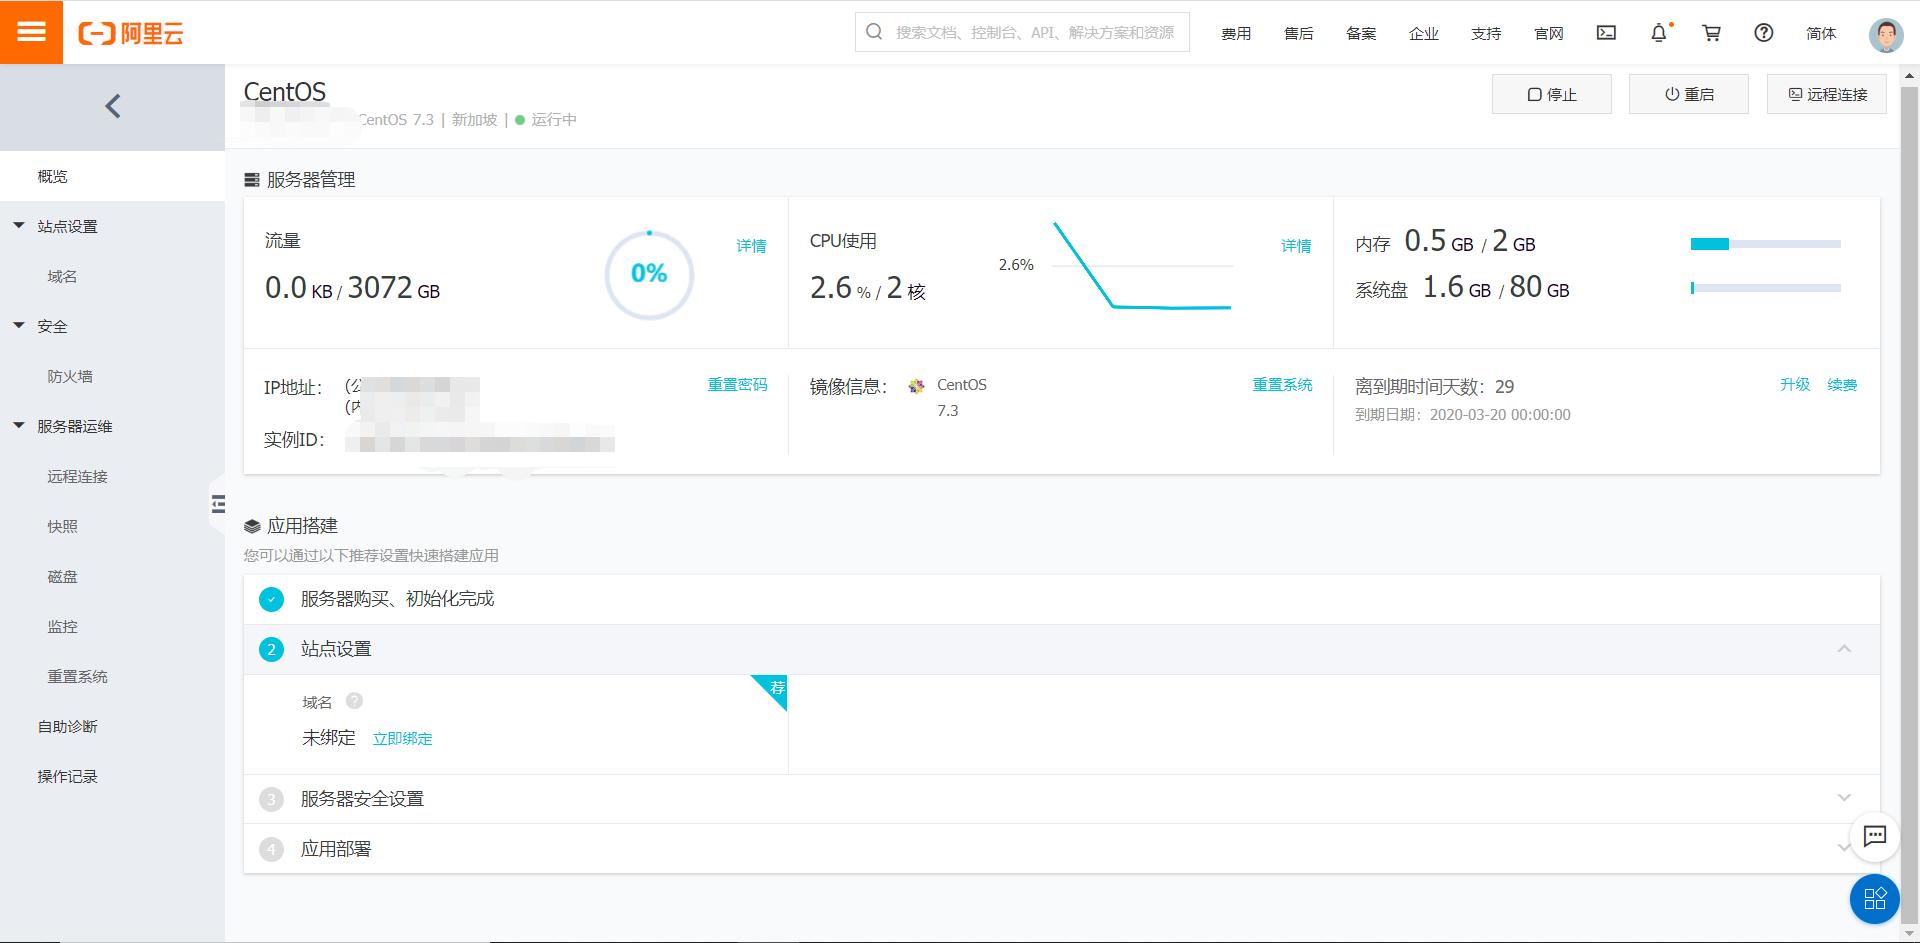 轻量应用服务器信息1.png